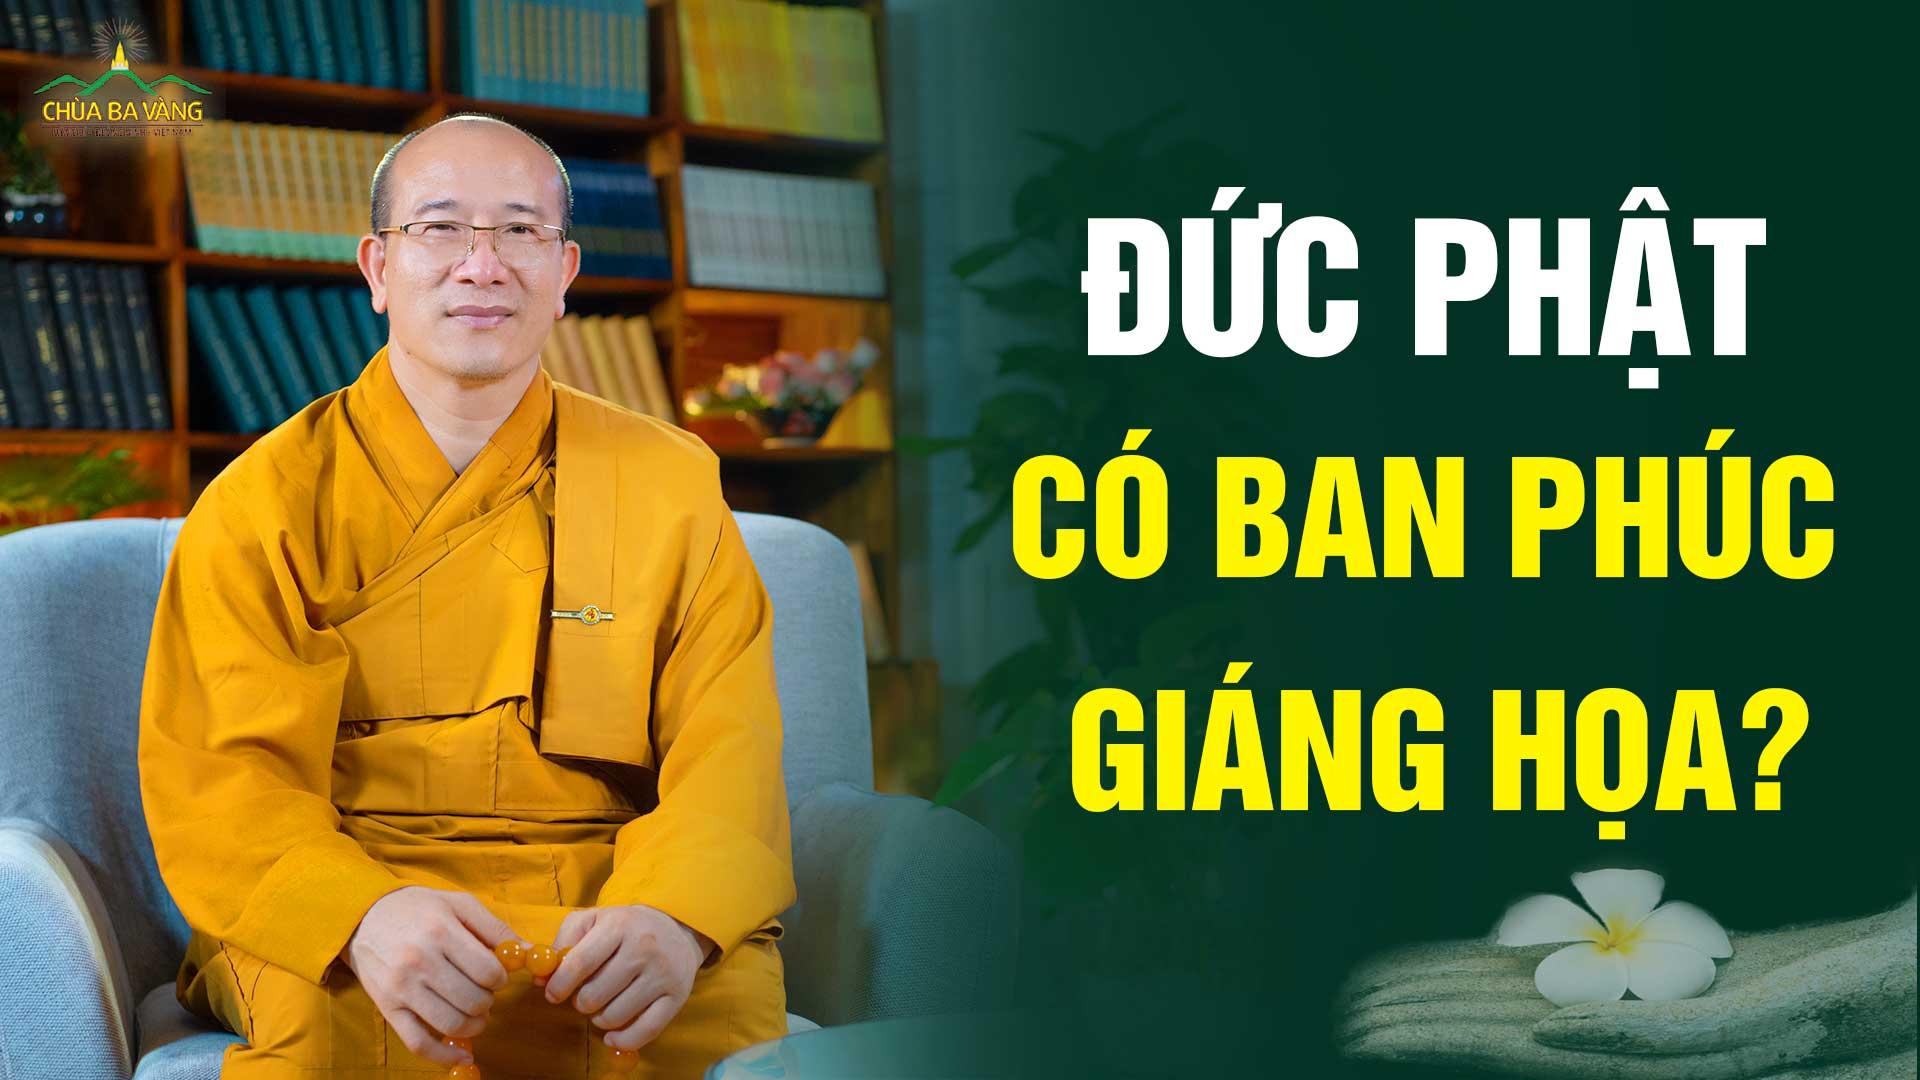 Đức Phật có ban phước hay giáng họa cho ai không?